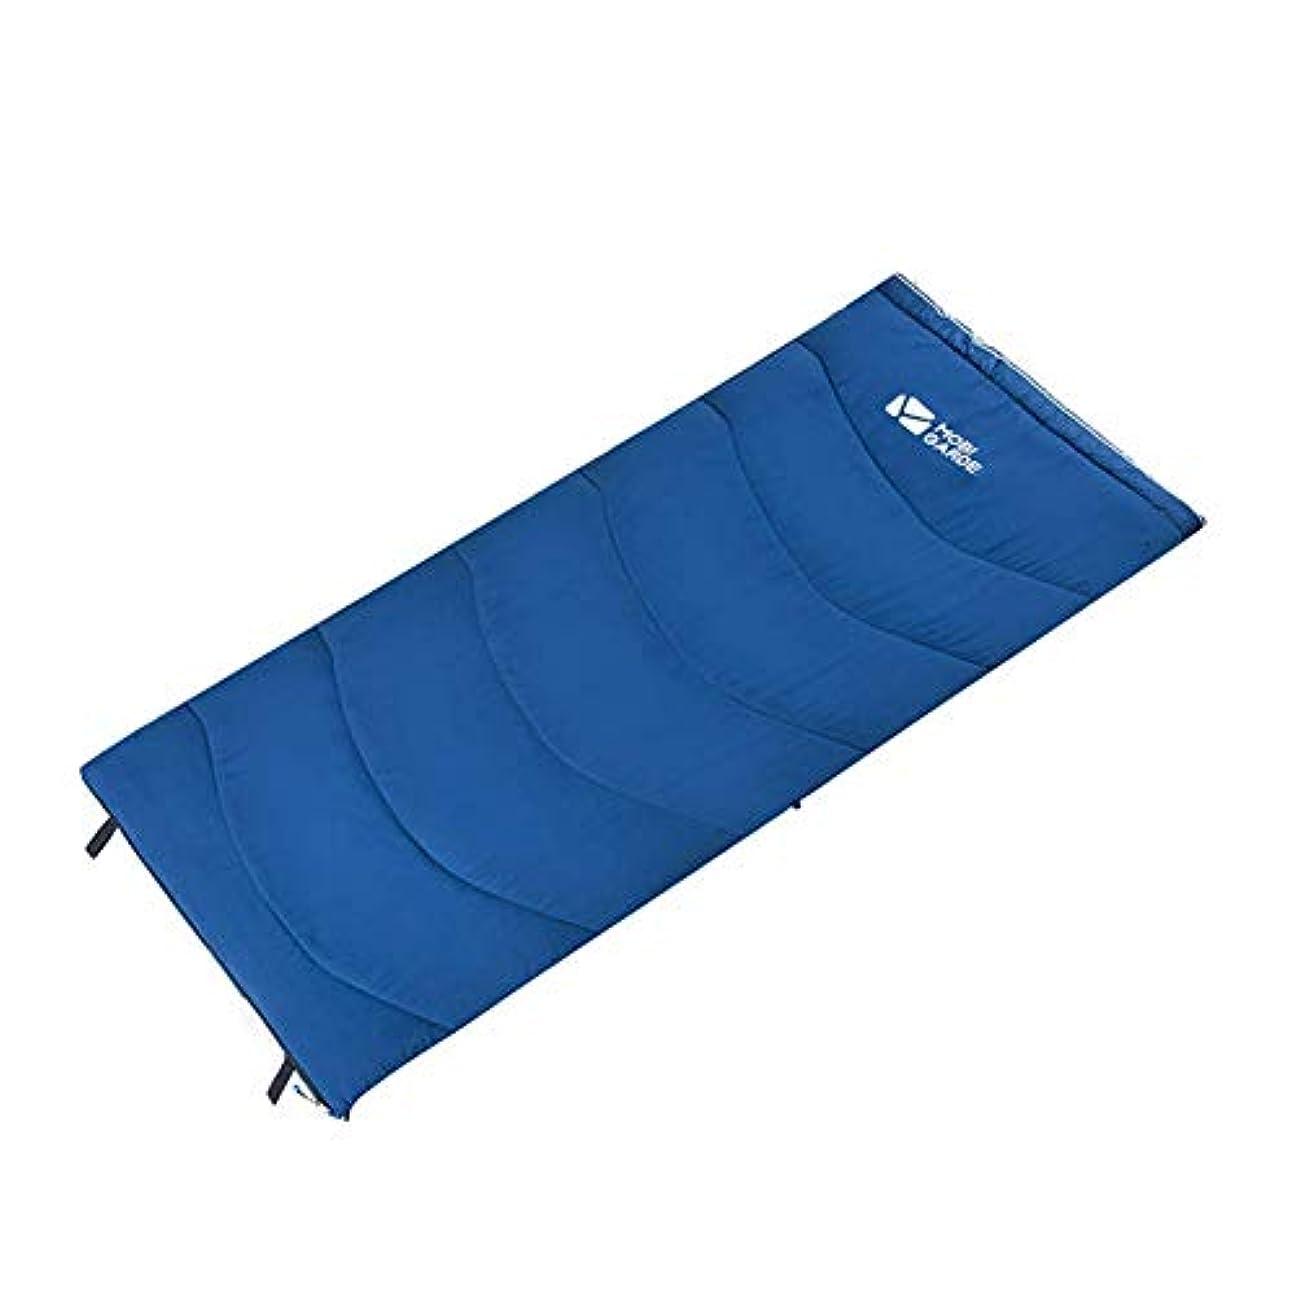 記憶に残る手綱誤ってCATRP 通気性 寝袋 ポータブル エンベロープ 寝台 暖かい 軽量 寝袋 スプライス キャンプ用 ハイキング 、 190X84cm